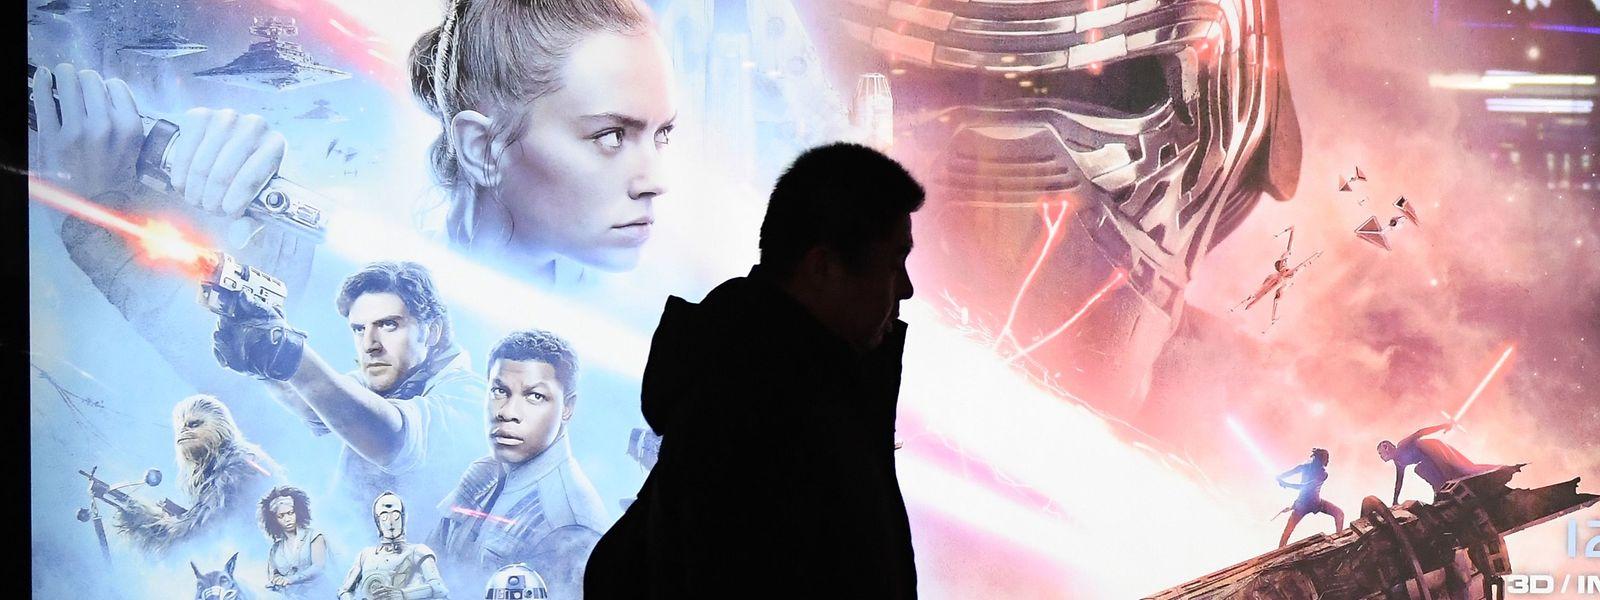 Disney, qui possède les droits, est prêt pour d'autres épisodes mais prendra son temps.